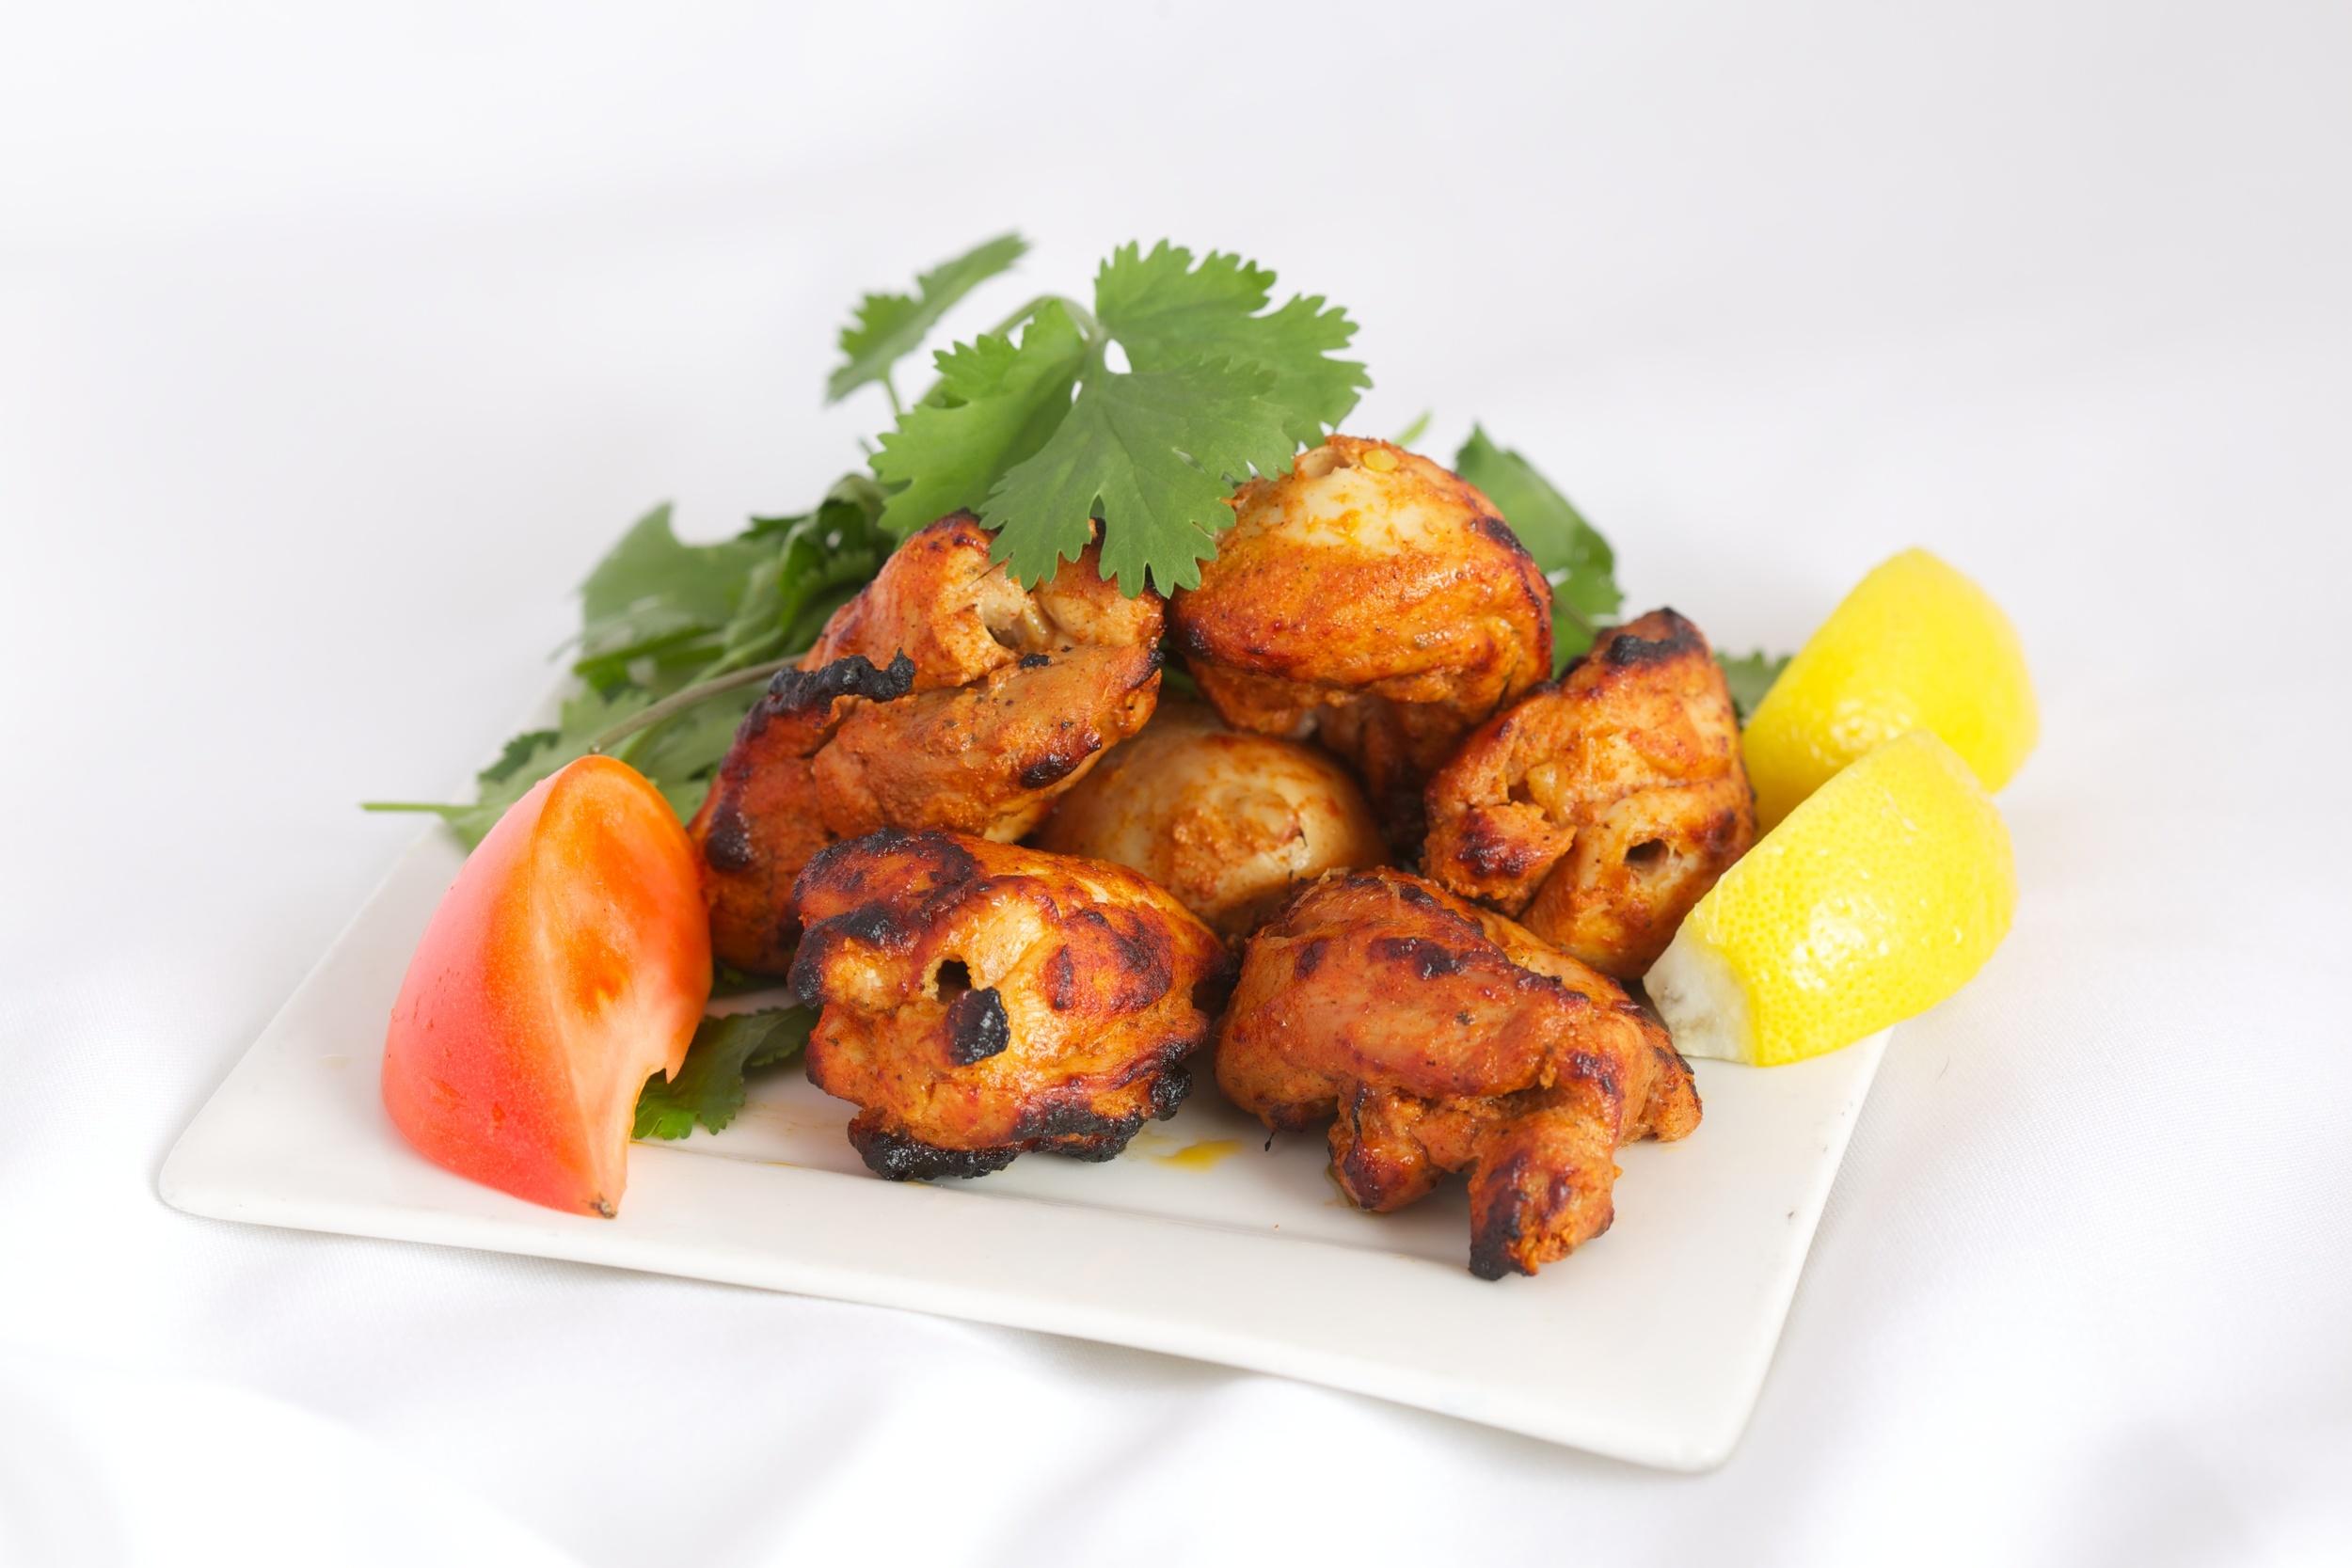 Appetizer - Chicken Tika